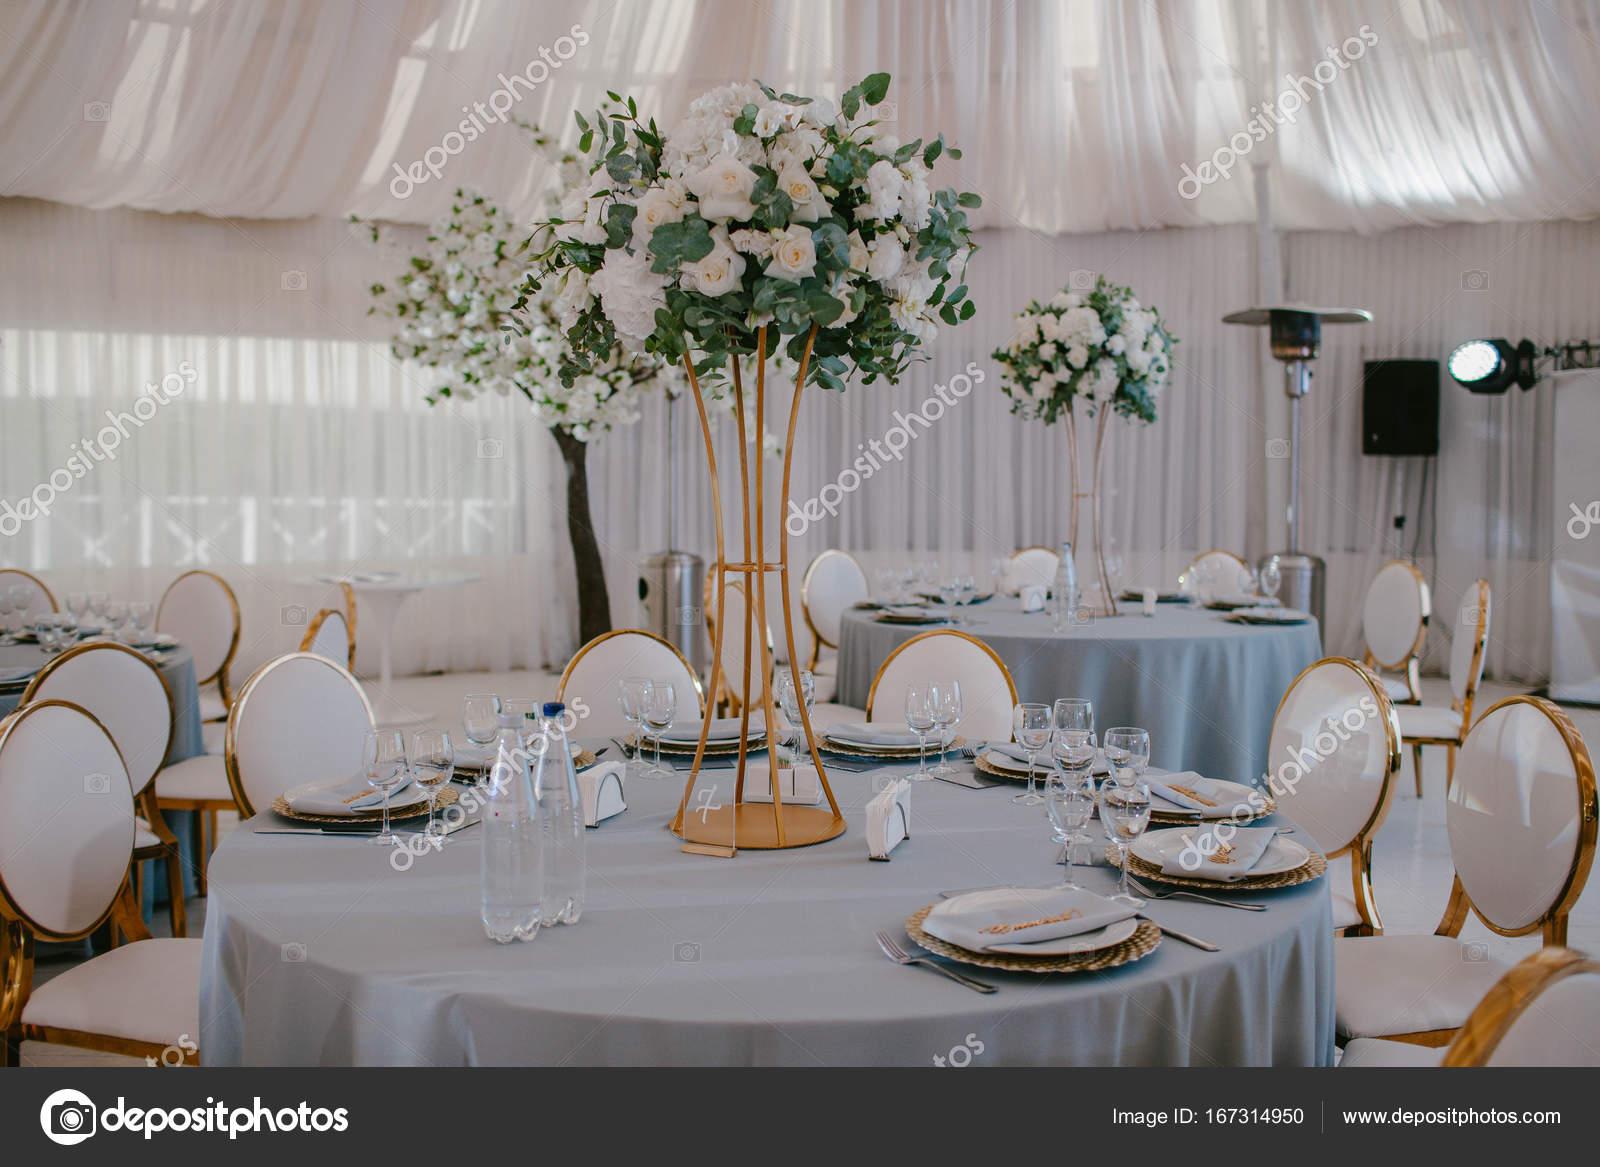 Dekoration Blumen Hochzeitstisch Stockfoto C Eto Pro Xii Yandex Ru